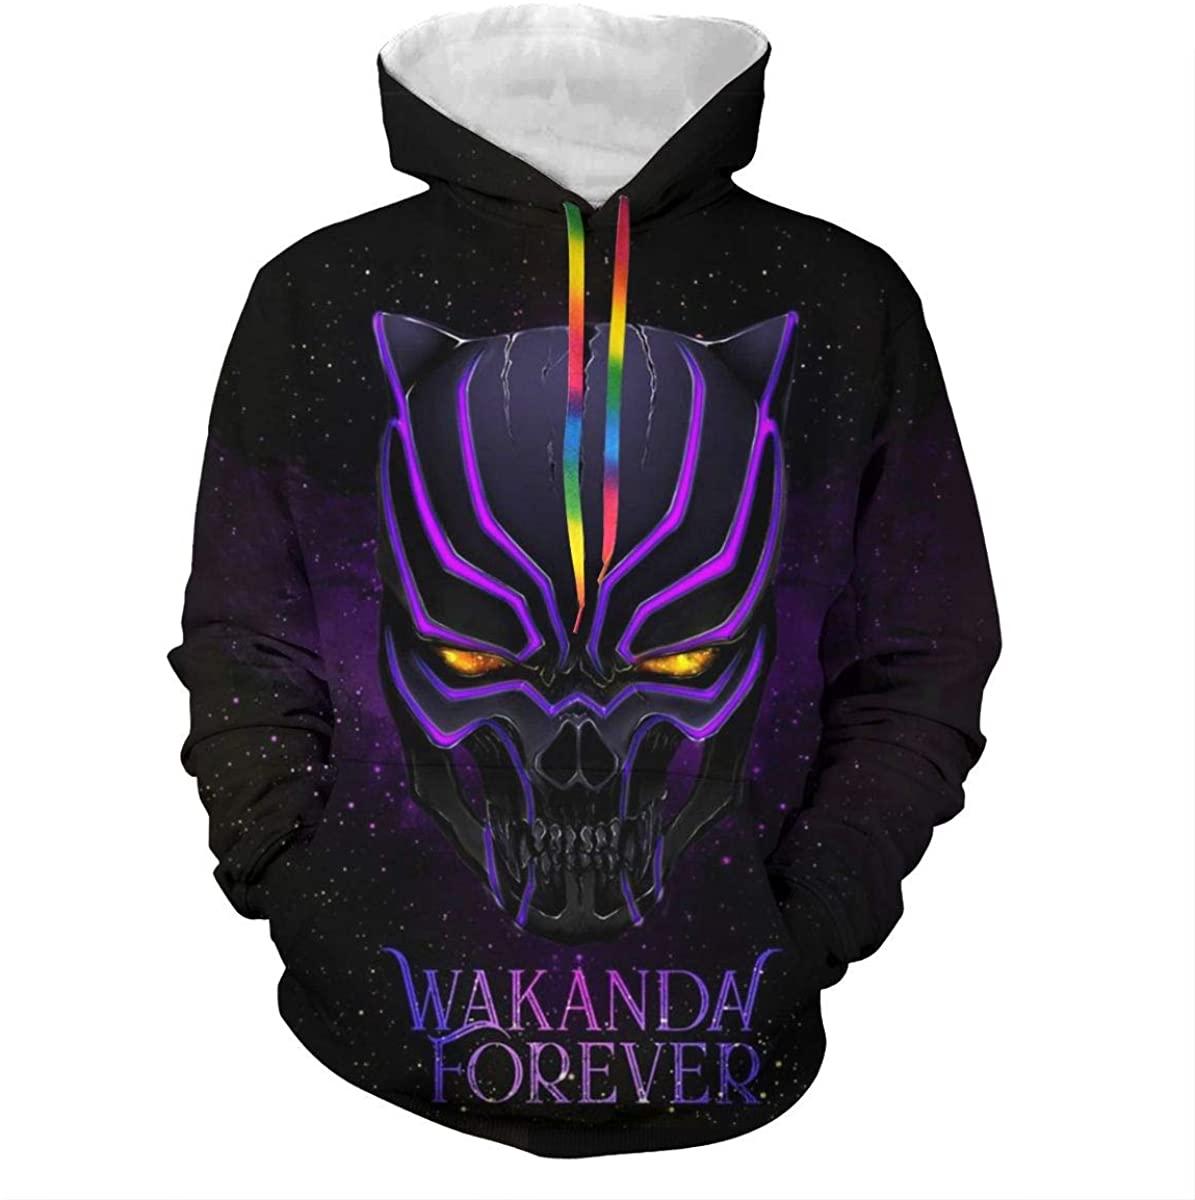 OVX Kids/Youth Boys Girls Hoodie Hooded Teen Sweatshirt Pullover Big Pocket Teens Weate